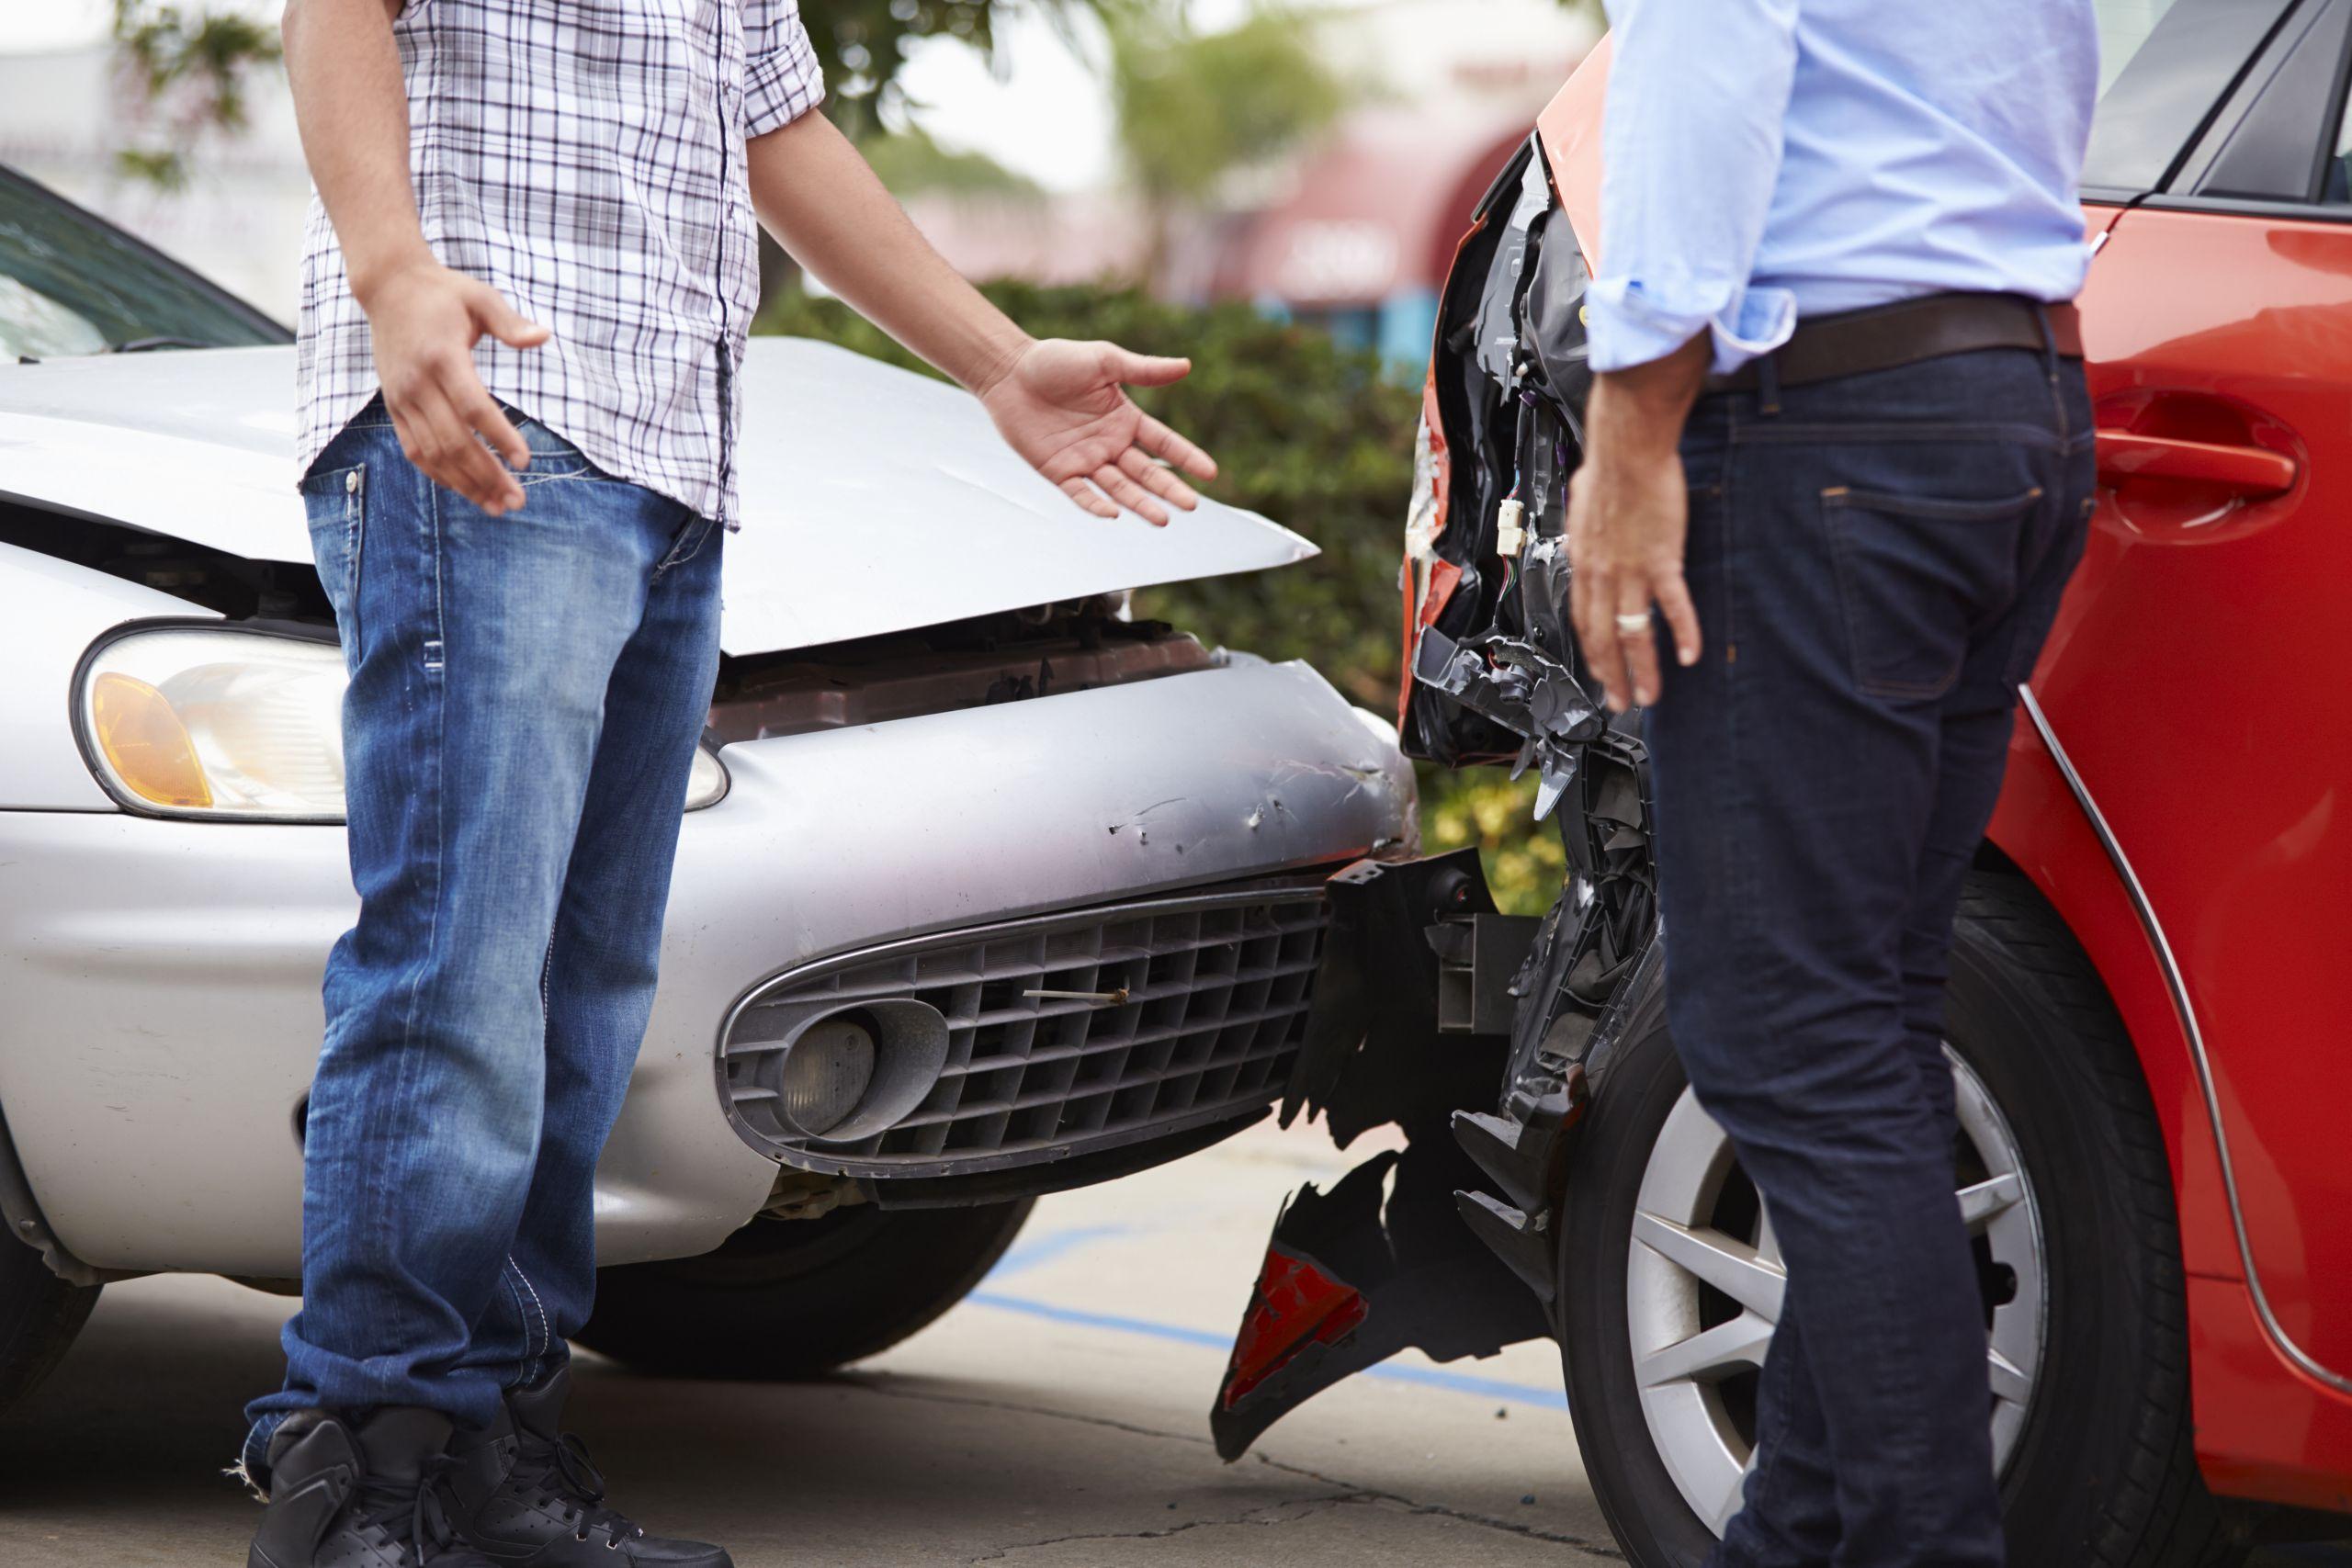 abogado de accidentes de tráfico,Sevilla,accidentes de tráfico,Morón de la frontera,Algeciras